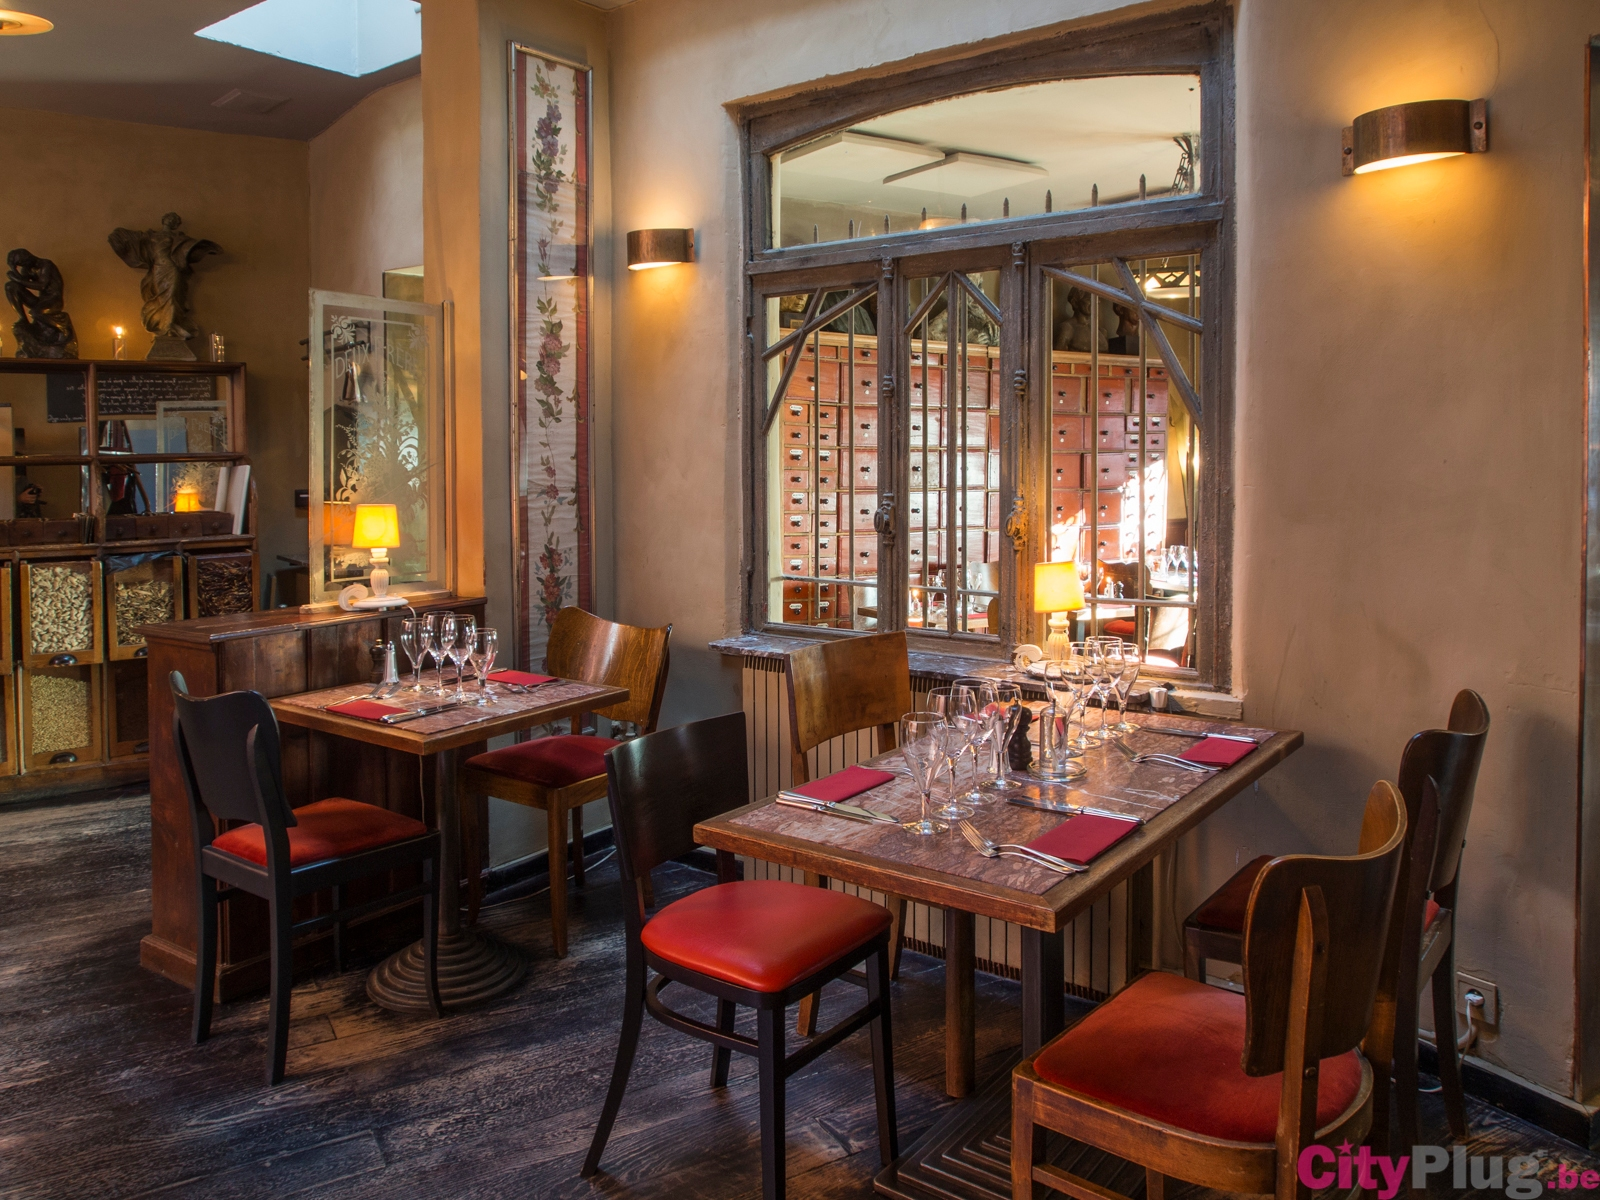 Les deux fr res for Restaurant cuisine francaise